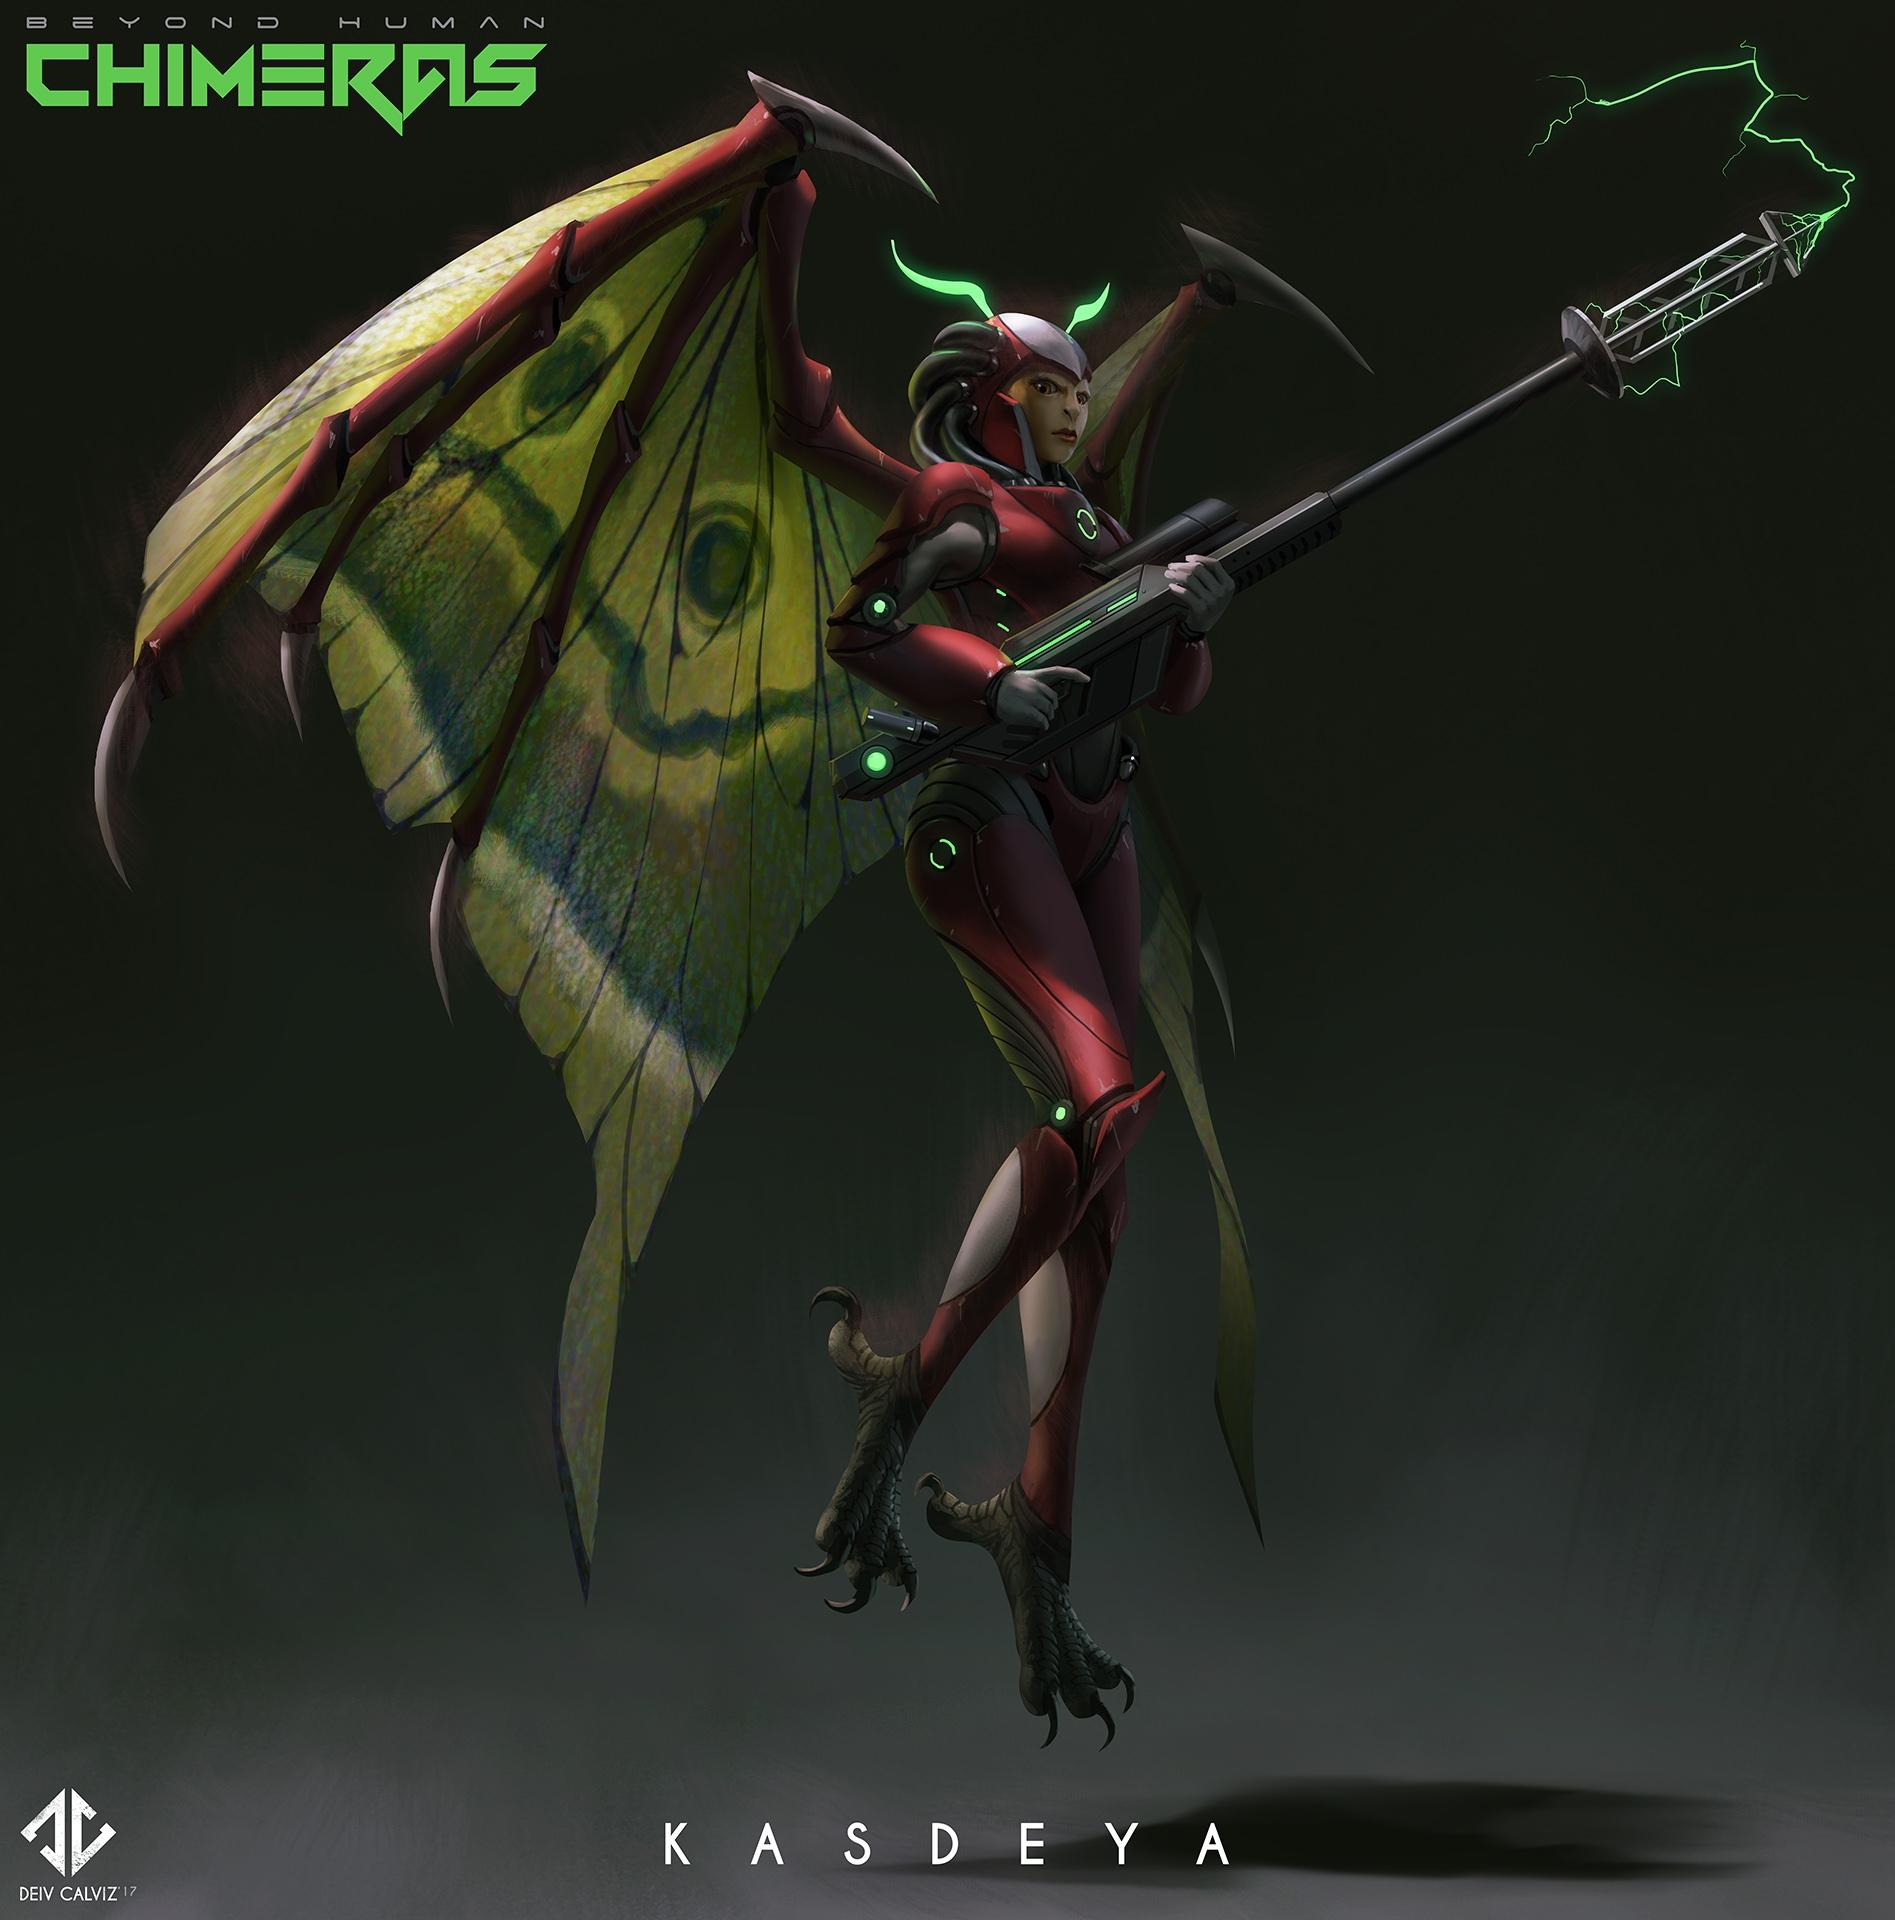 Chimeras_4_Kasdeya